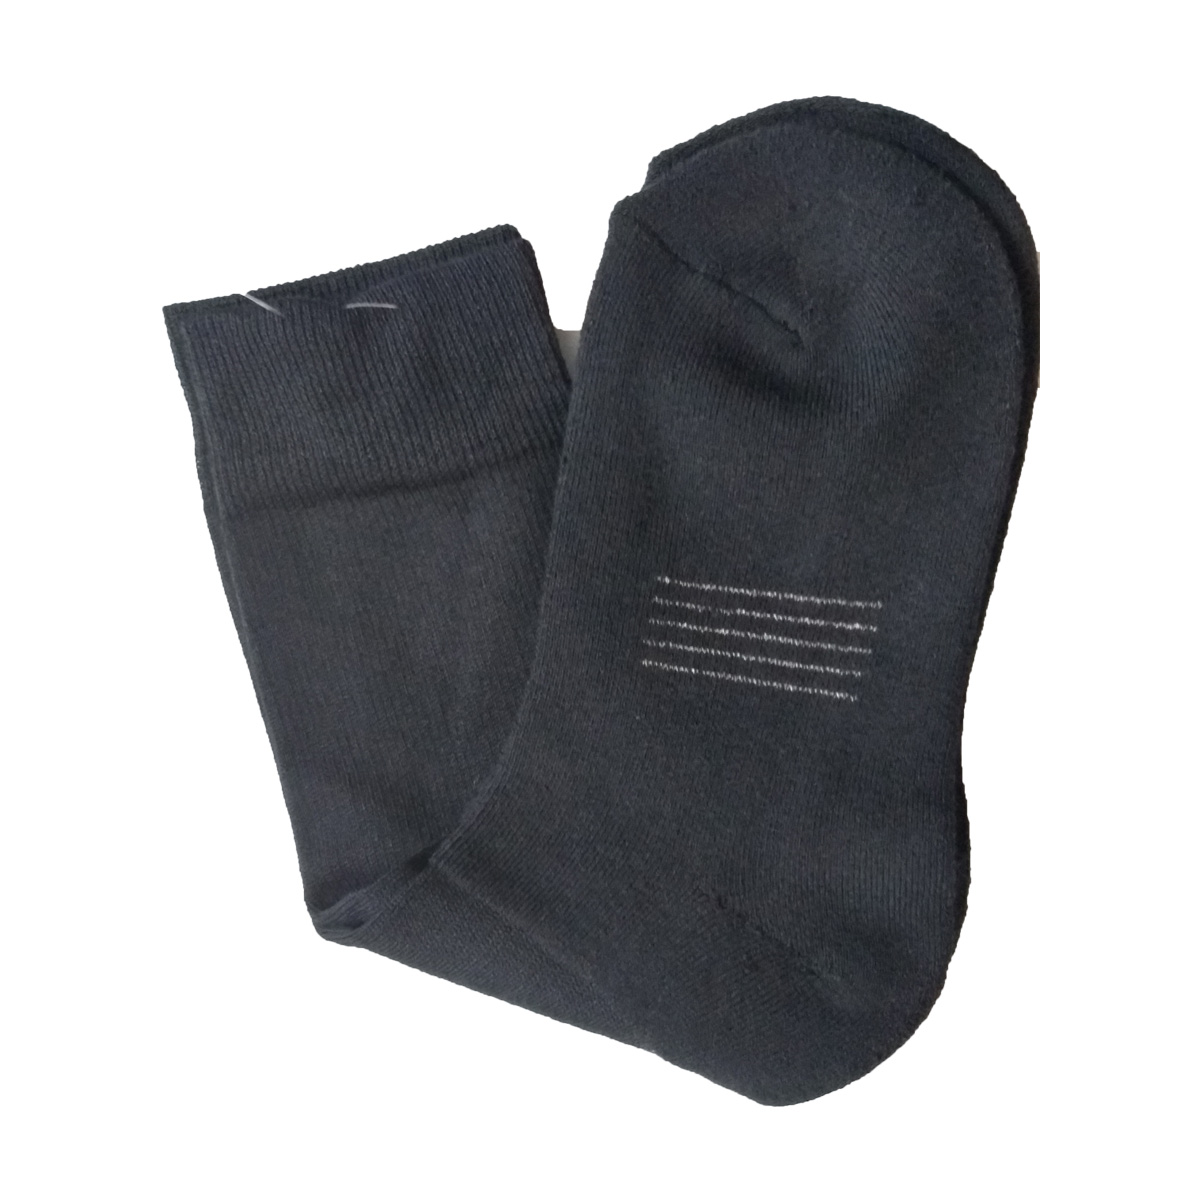 Meindl čarape AKCIJA 3 za 500rsd